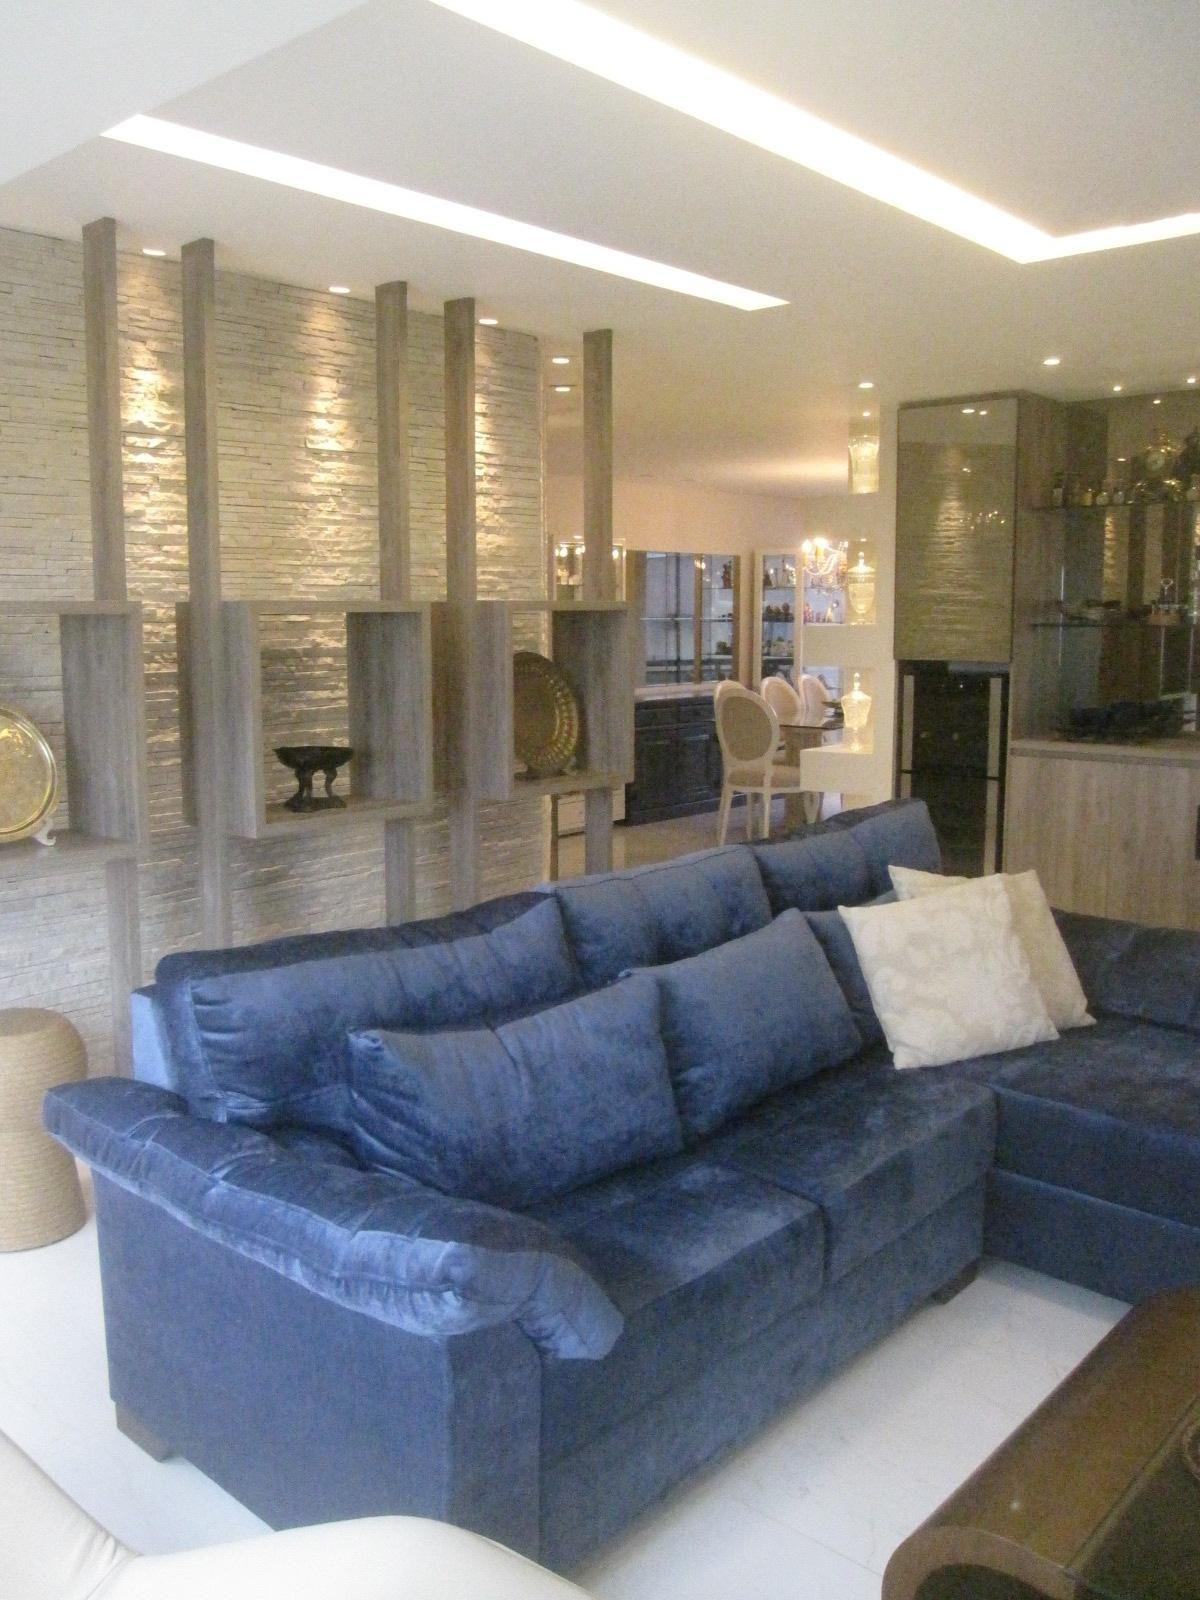 Sala De Estar Com Sof Azul De Patr Cia Medeiros 106660 No Viva Decora -> Decoracao De Sala Azul